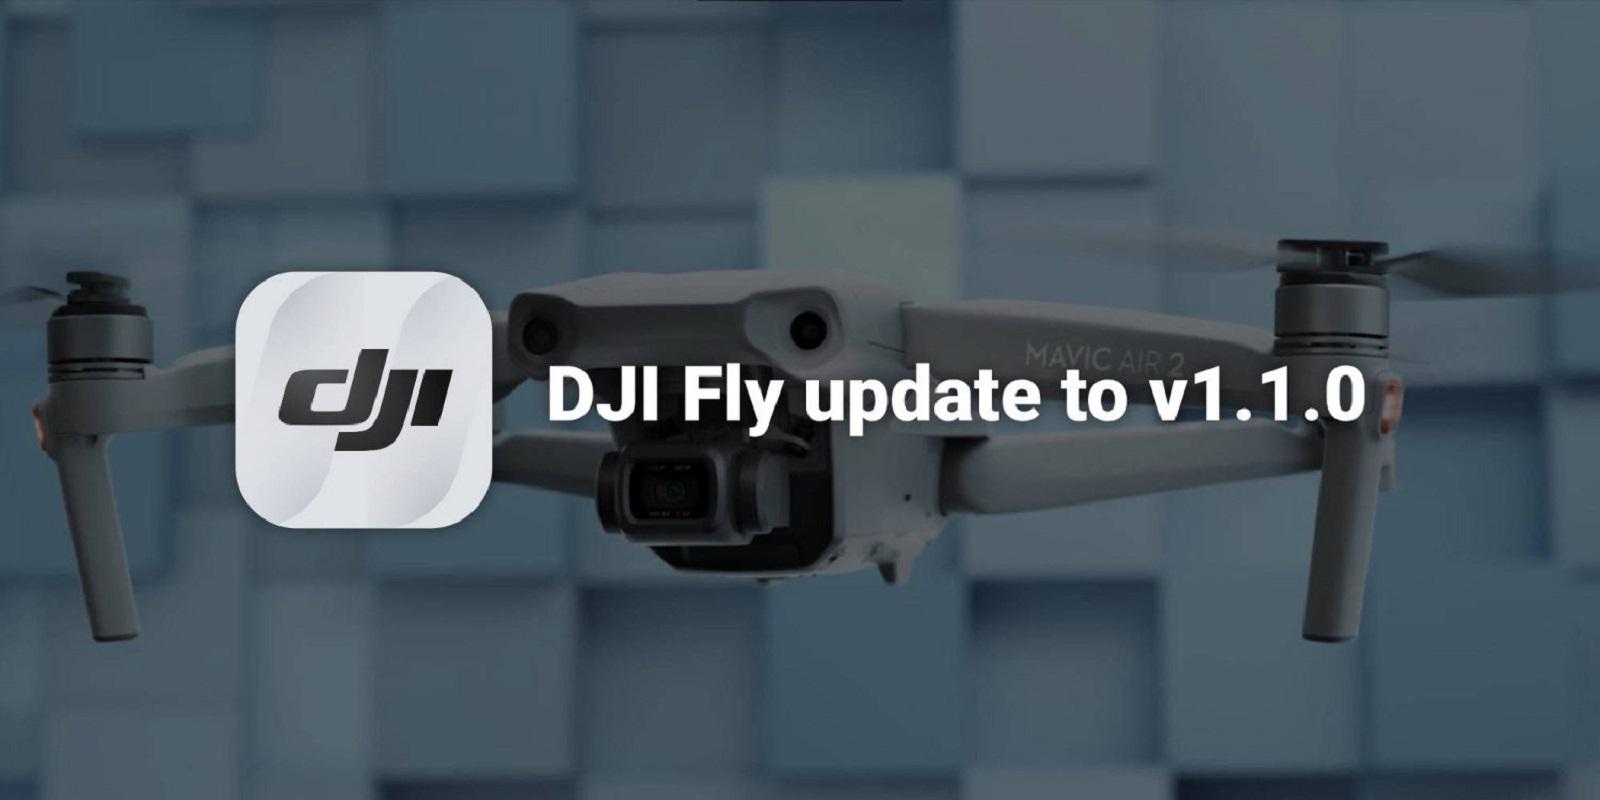 В приложении DJI Fly добавлена поддержка Mavic Air 2 с FocusTrack и Hyperlapse